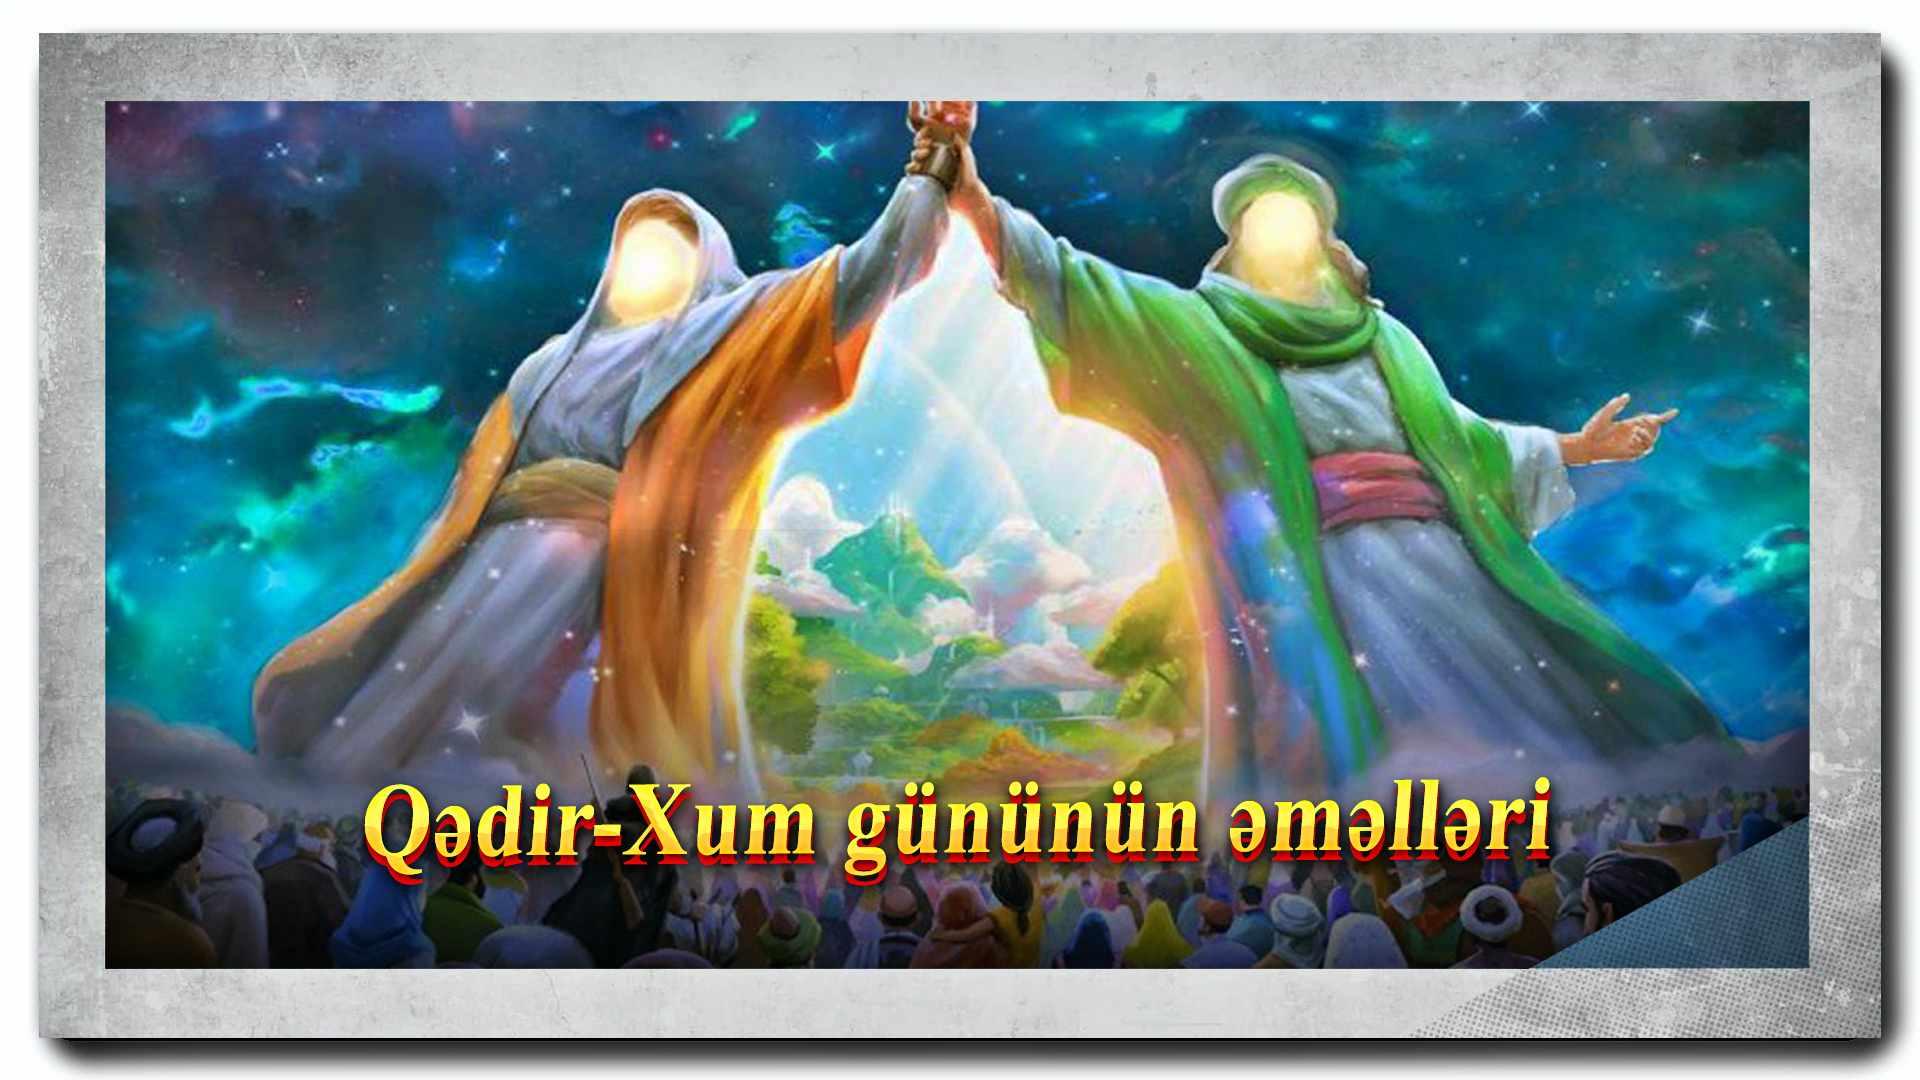 Qədir-Xum gününün əməlləri